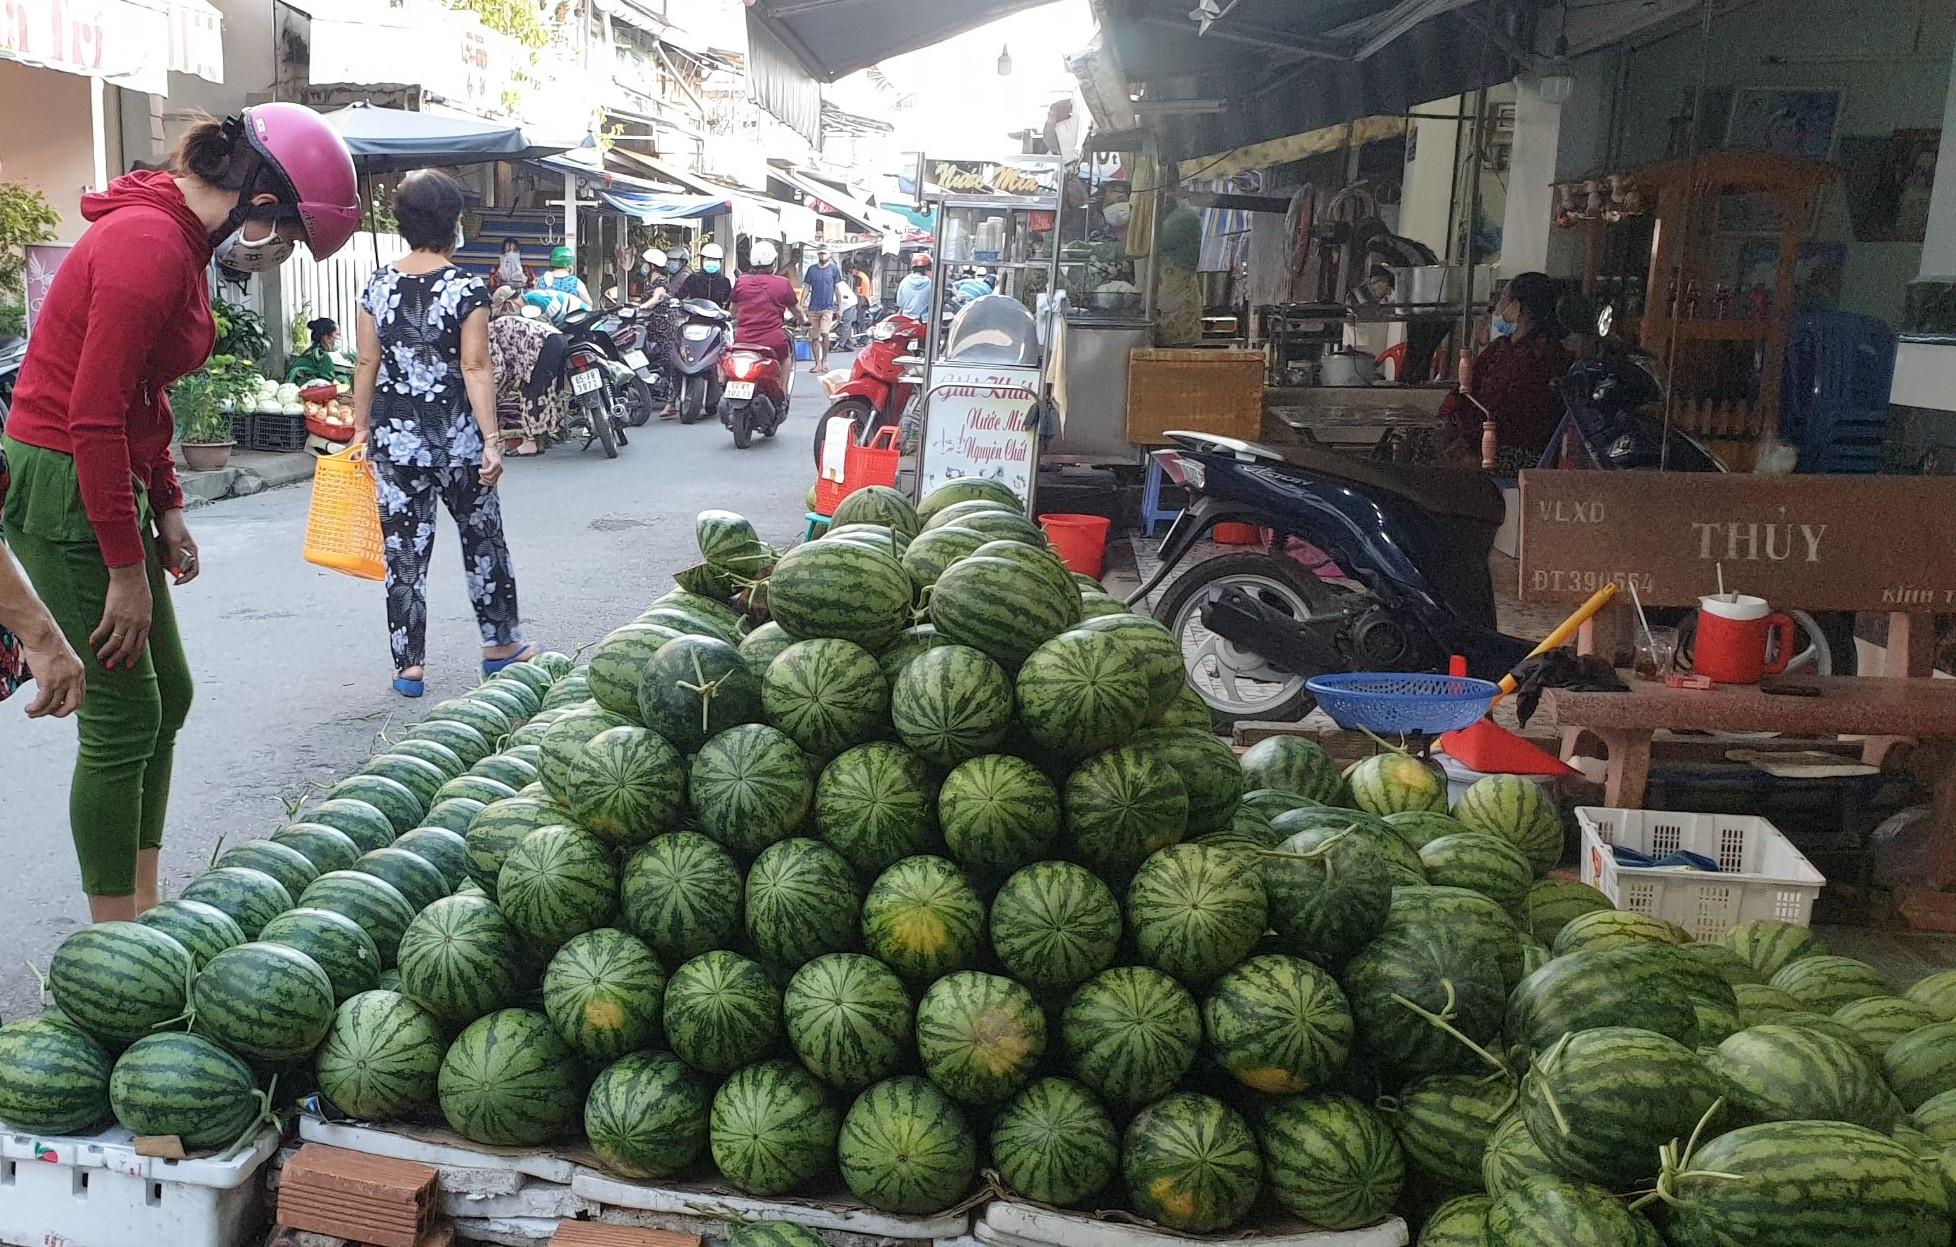 Lãnh đạo Đồng Tháp yêu cầu hỗ trợ tiêu thụ nông sản cho nông dân trong tình hình dịch bệnh